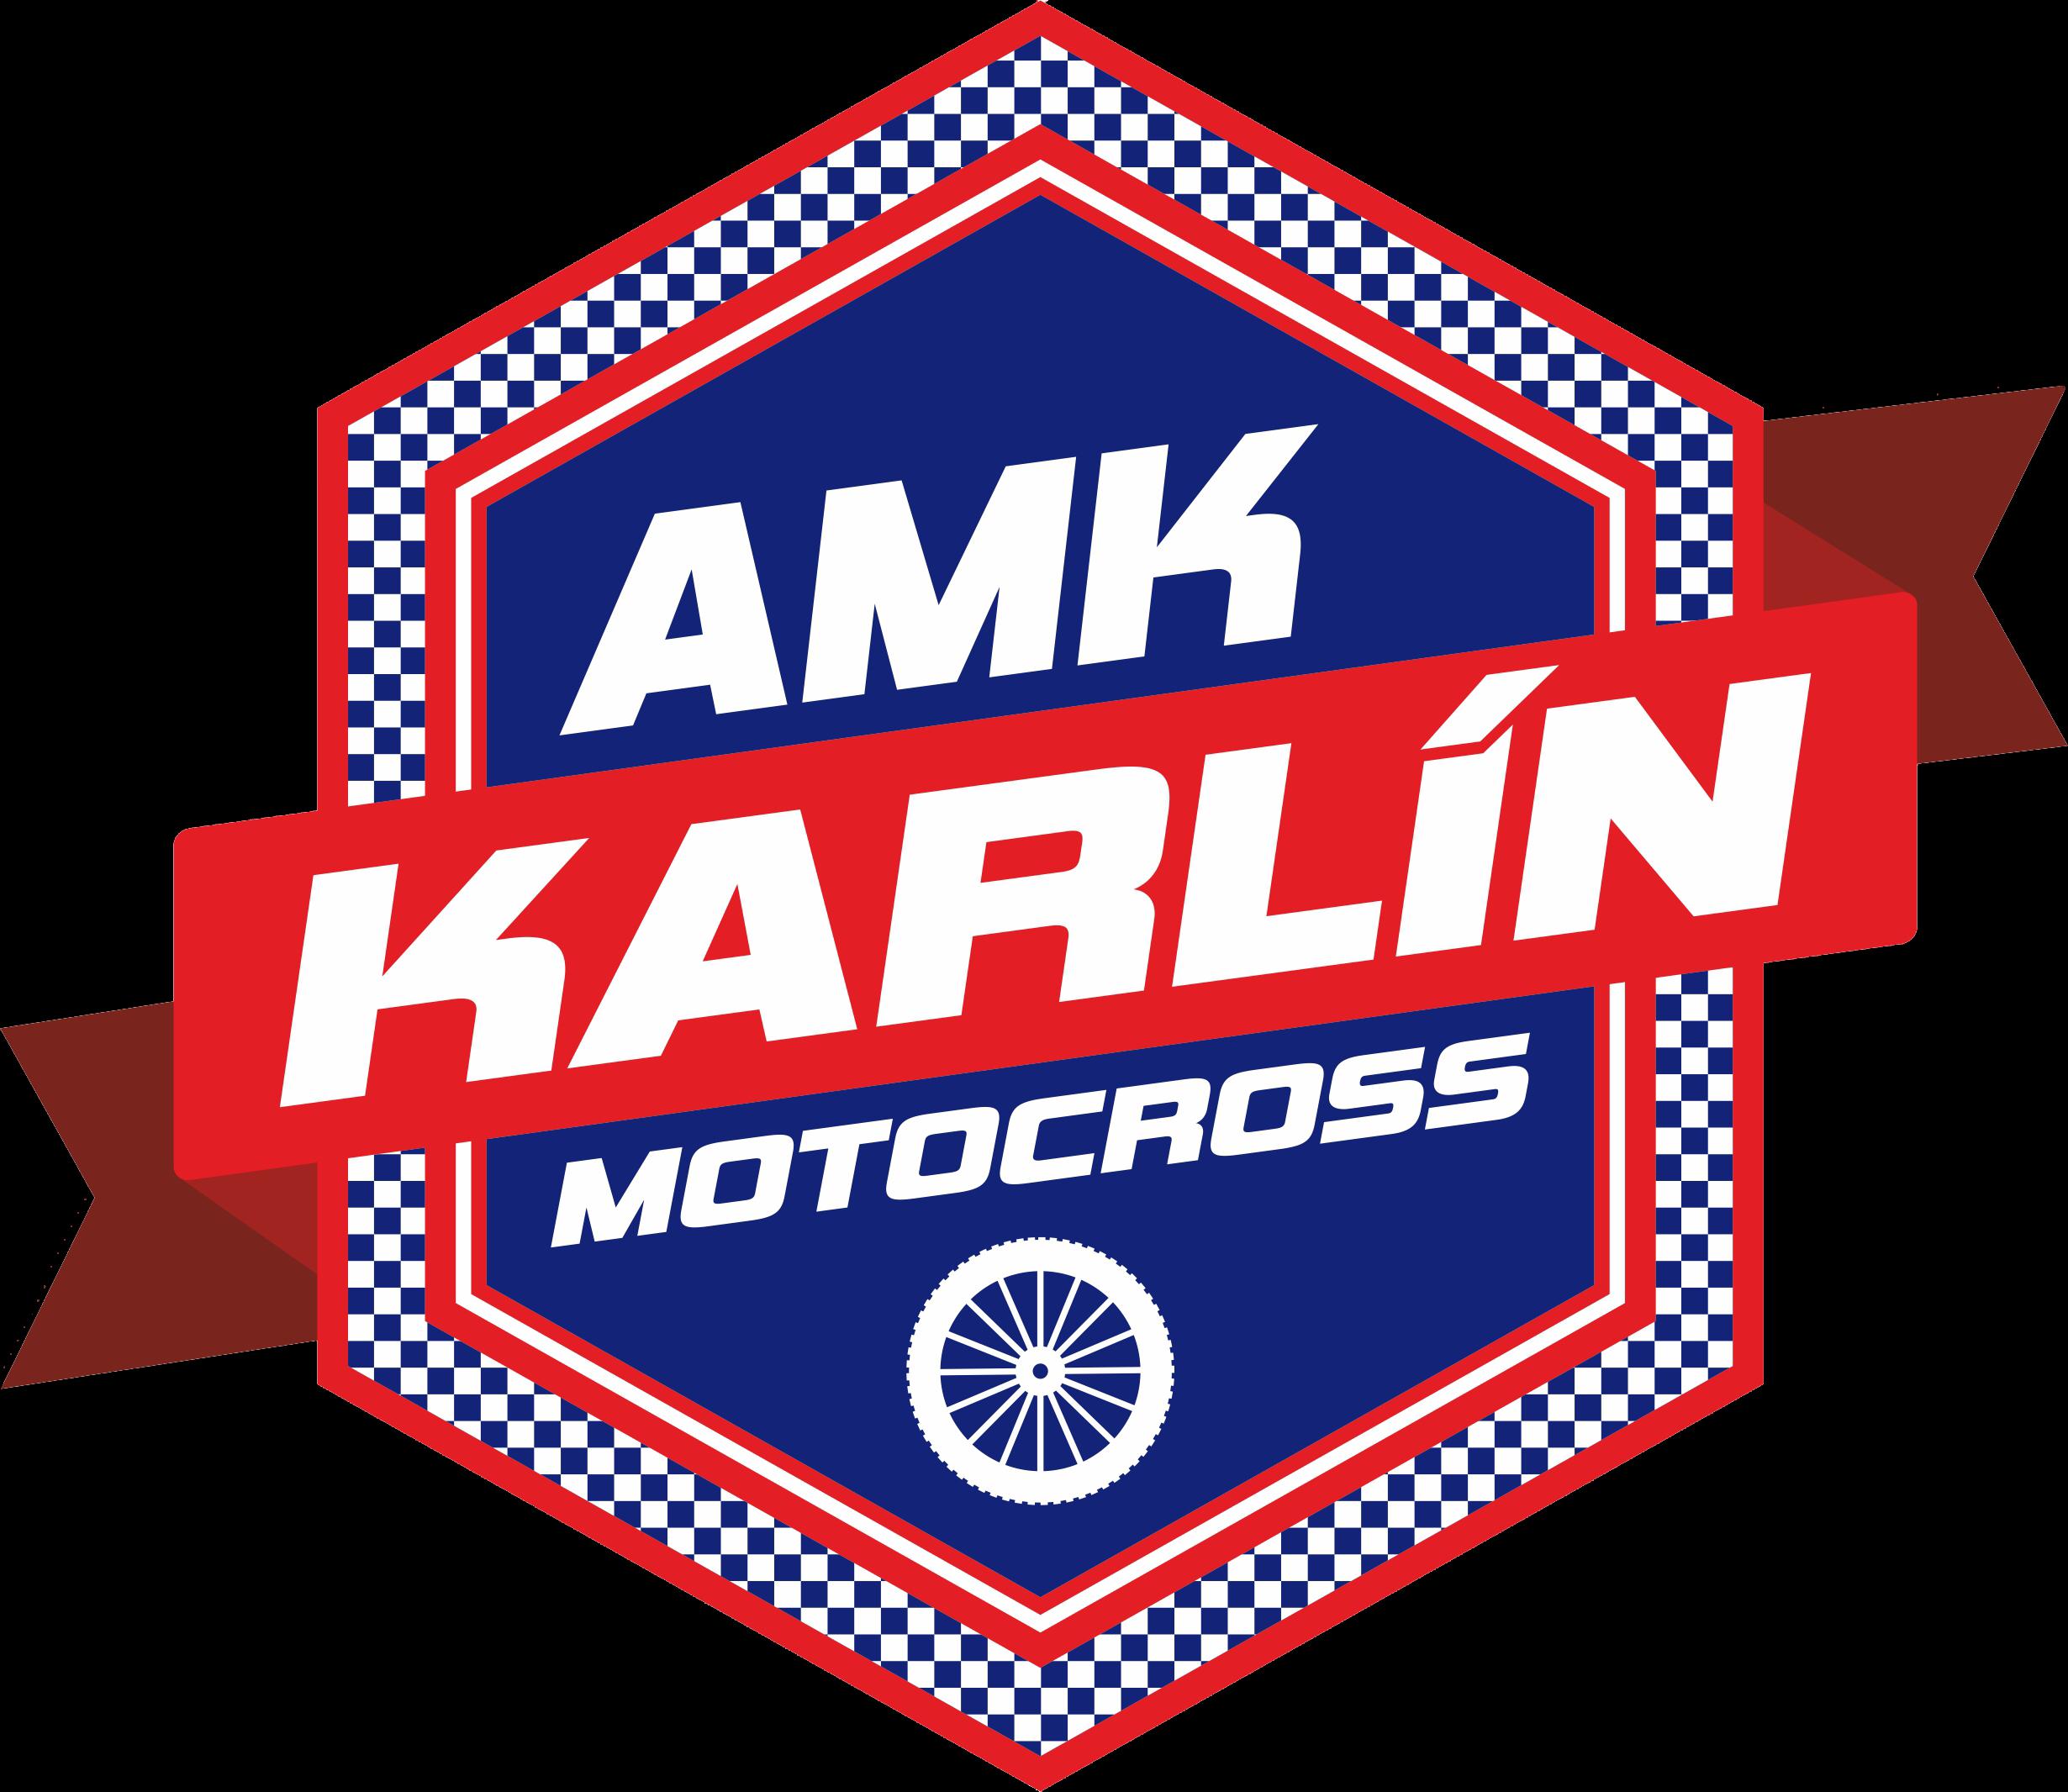 Motocross Karlín